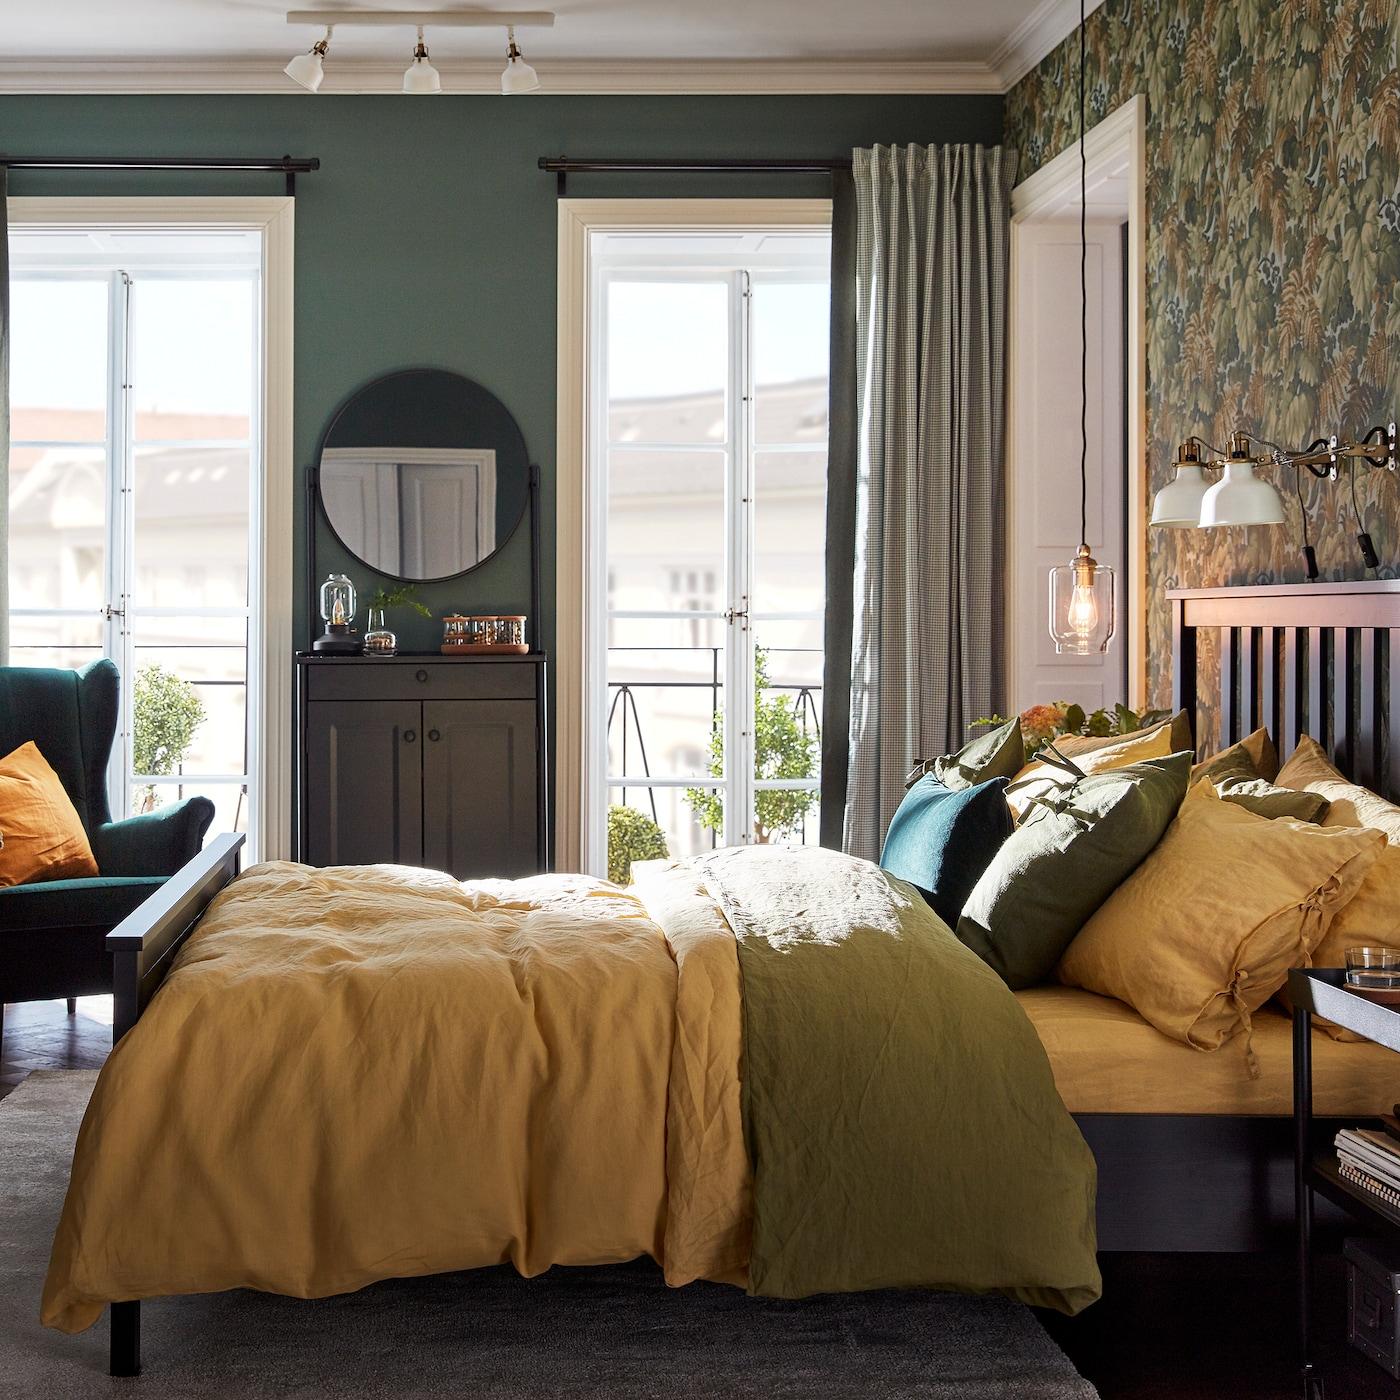 Sovrum och en säng med påslakanset i grönt och gult, skåp med en spegel samt grön öronlappsfåtölj.